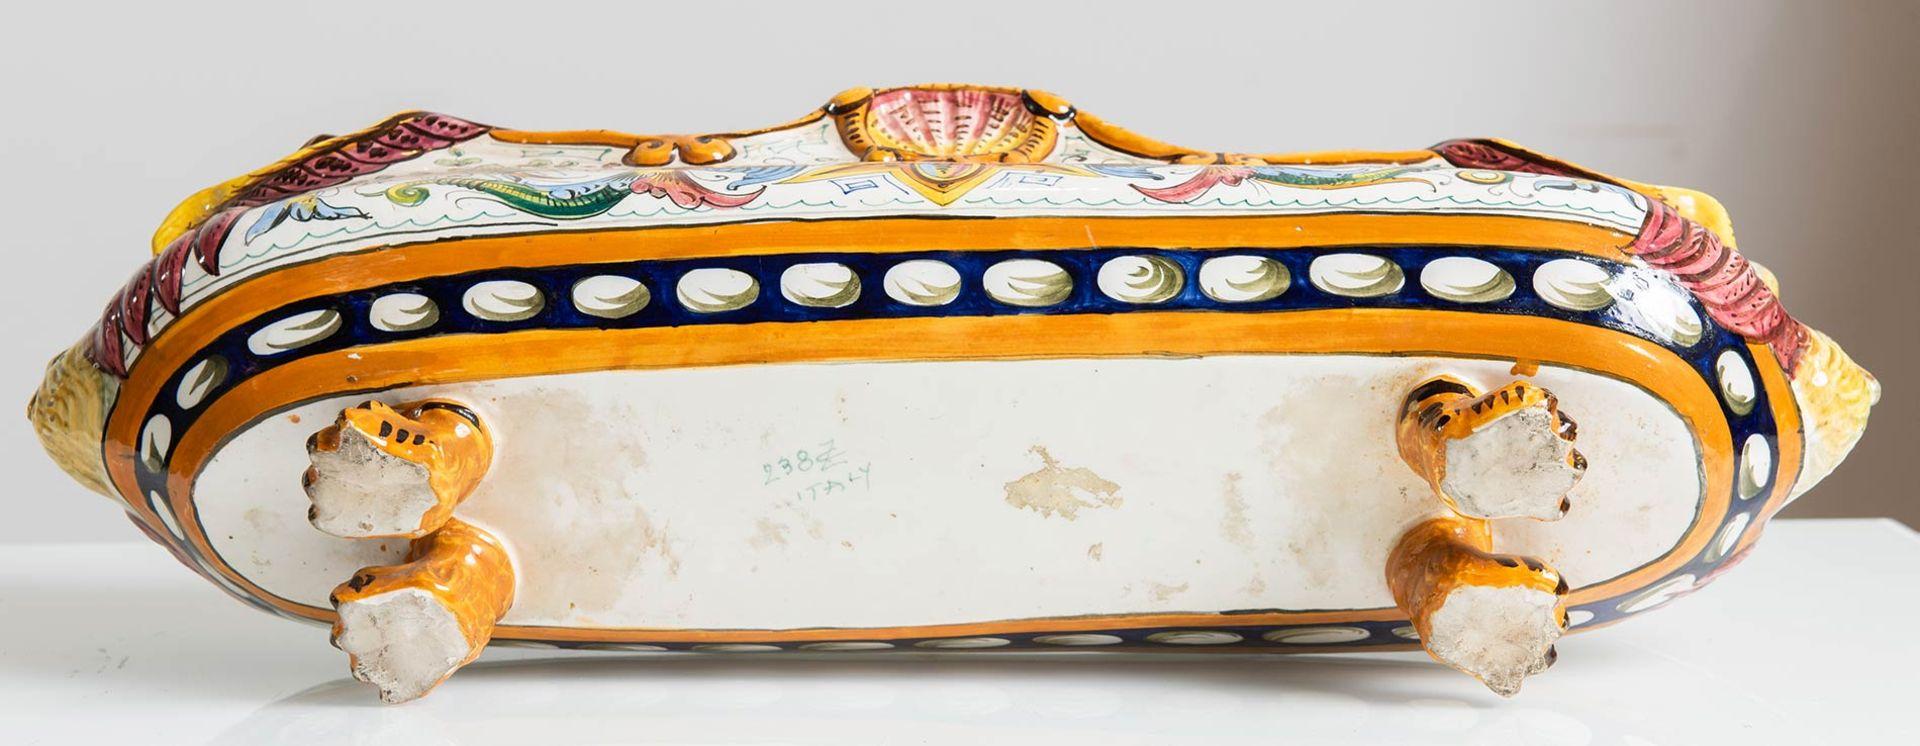 Los 17 - Manifattura Toscana, Centrotavola di forma ovoidale in ceramica, inizio del XX sec.